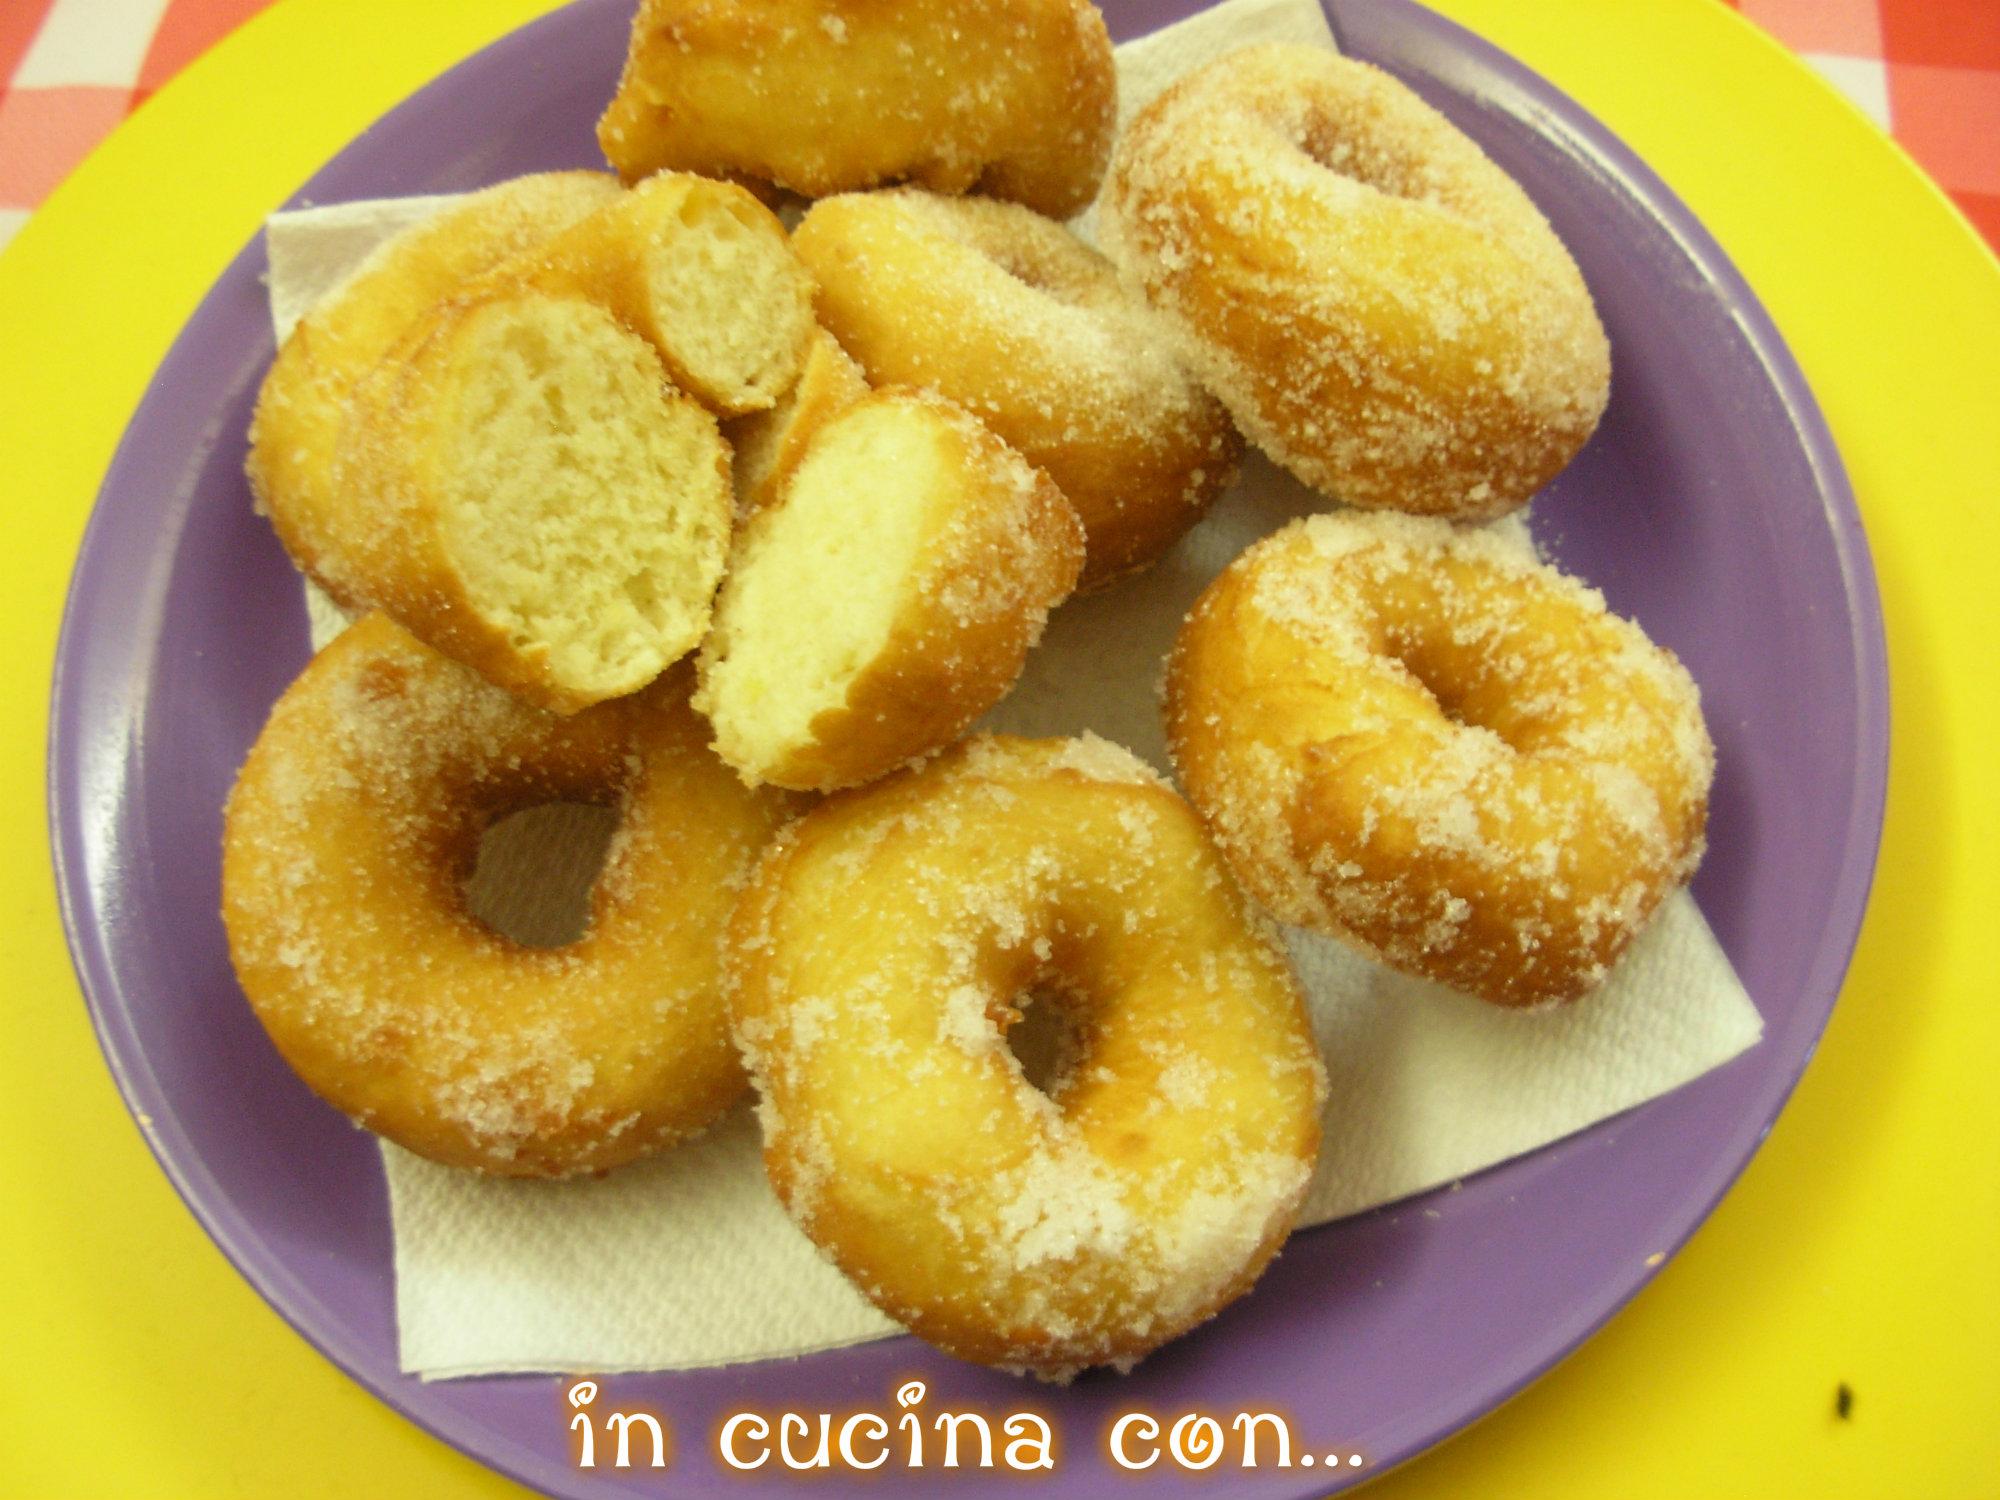 Ricetta Taralli Con Zucchero.Taralli Di Patate Con Lo Zucchero Ricetta Facile In Cucina Con Marta Maria